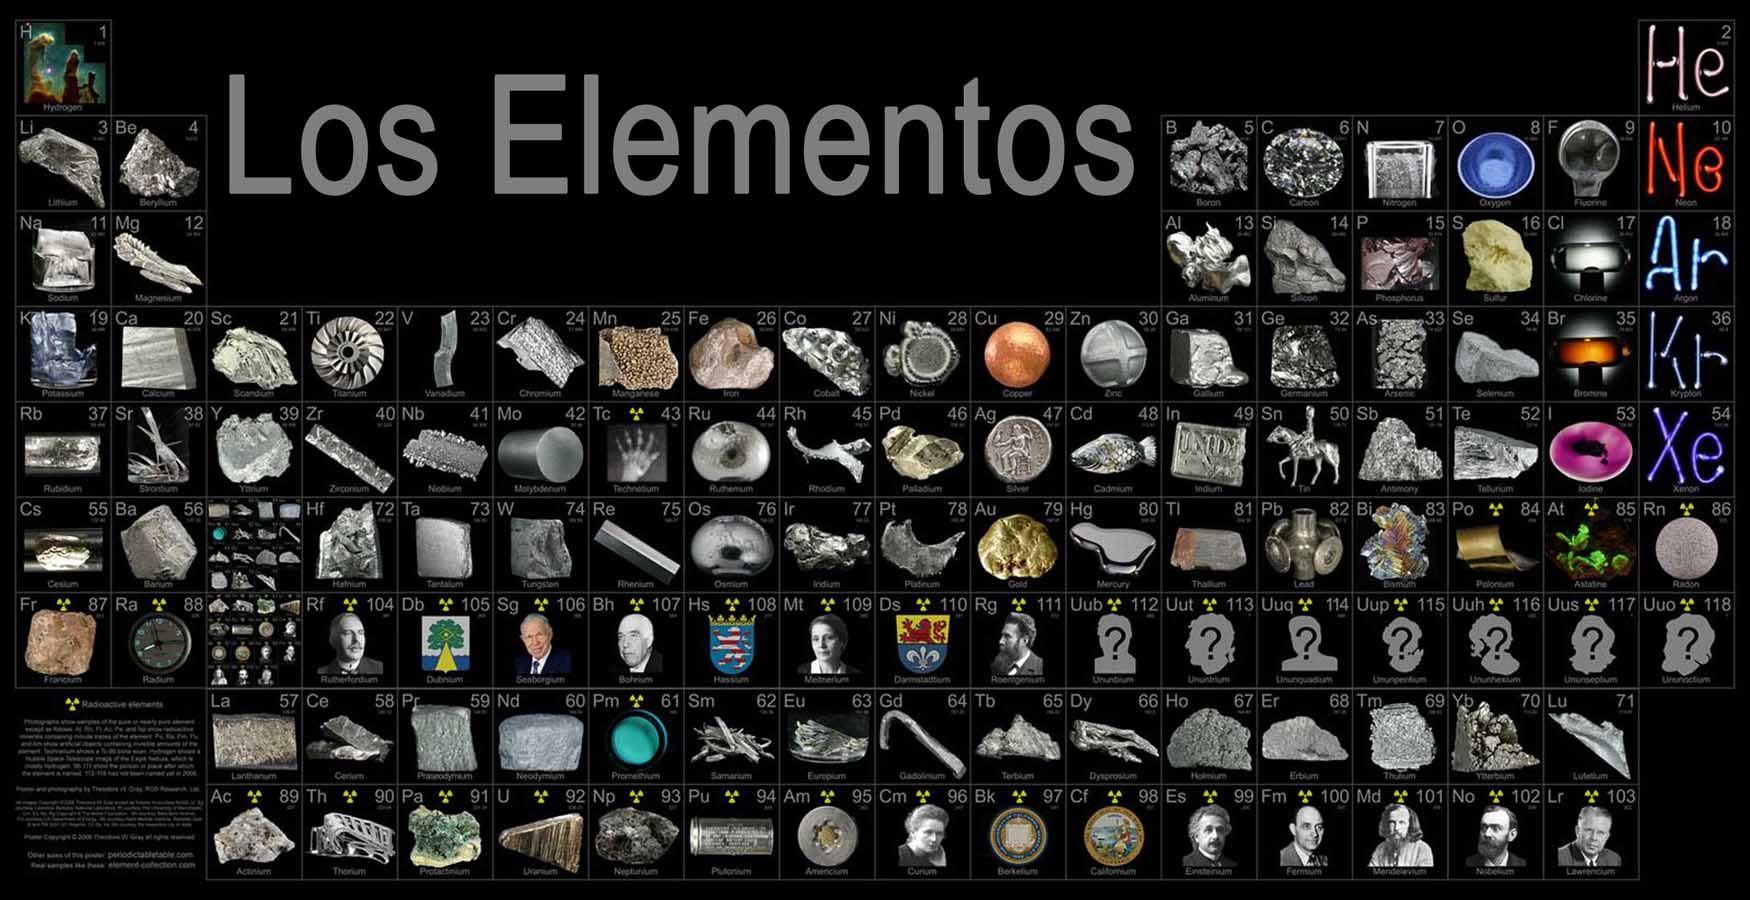 Tabla Periodica Buscar Con Google Tabla Periodica De Los Elementos Quimicos Tabla Periodica De Los Elementos Tabla Periodica